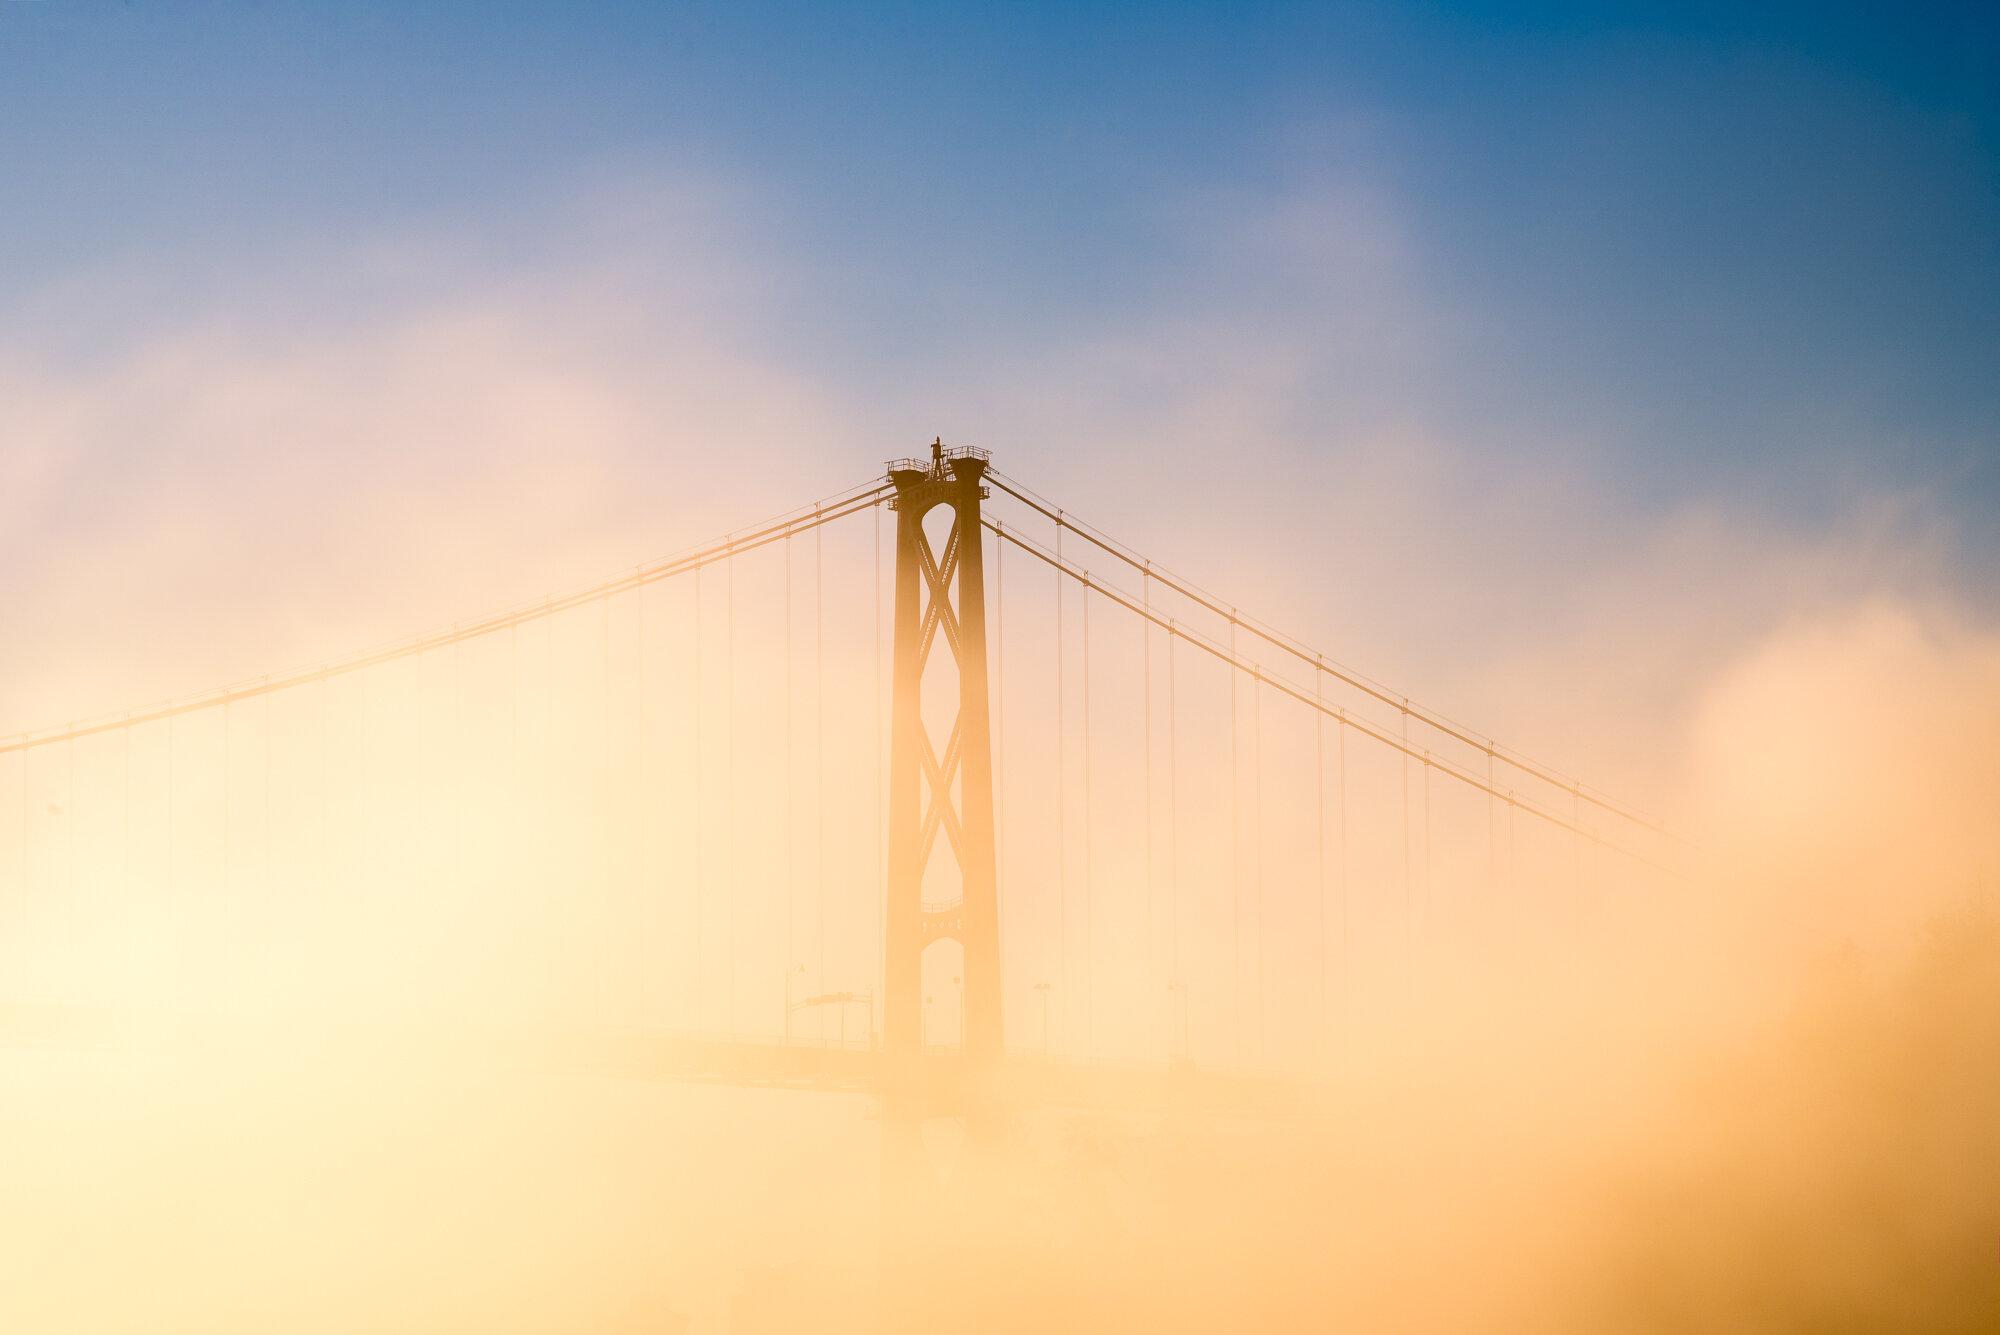 Vancouver Fog Photography: 'Lions Gate Bridge'